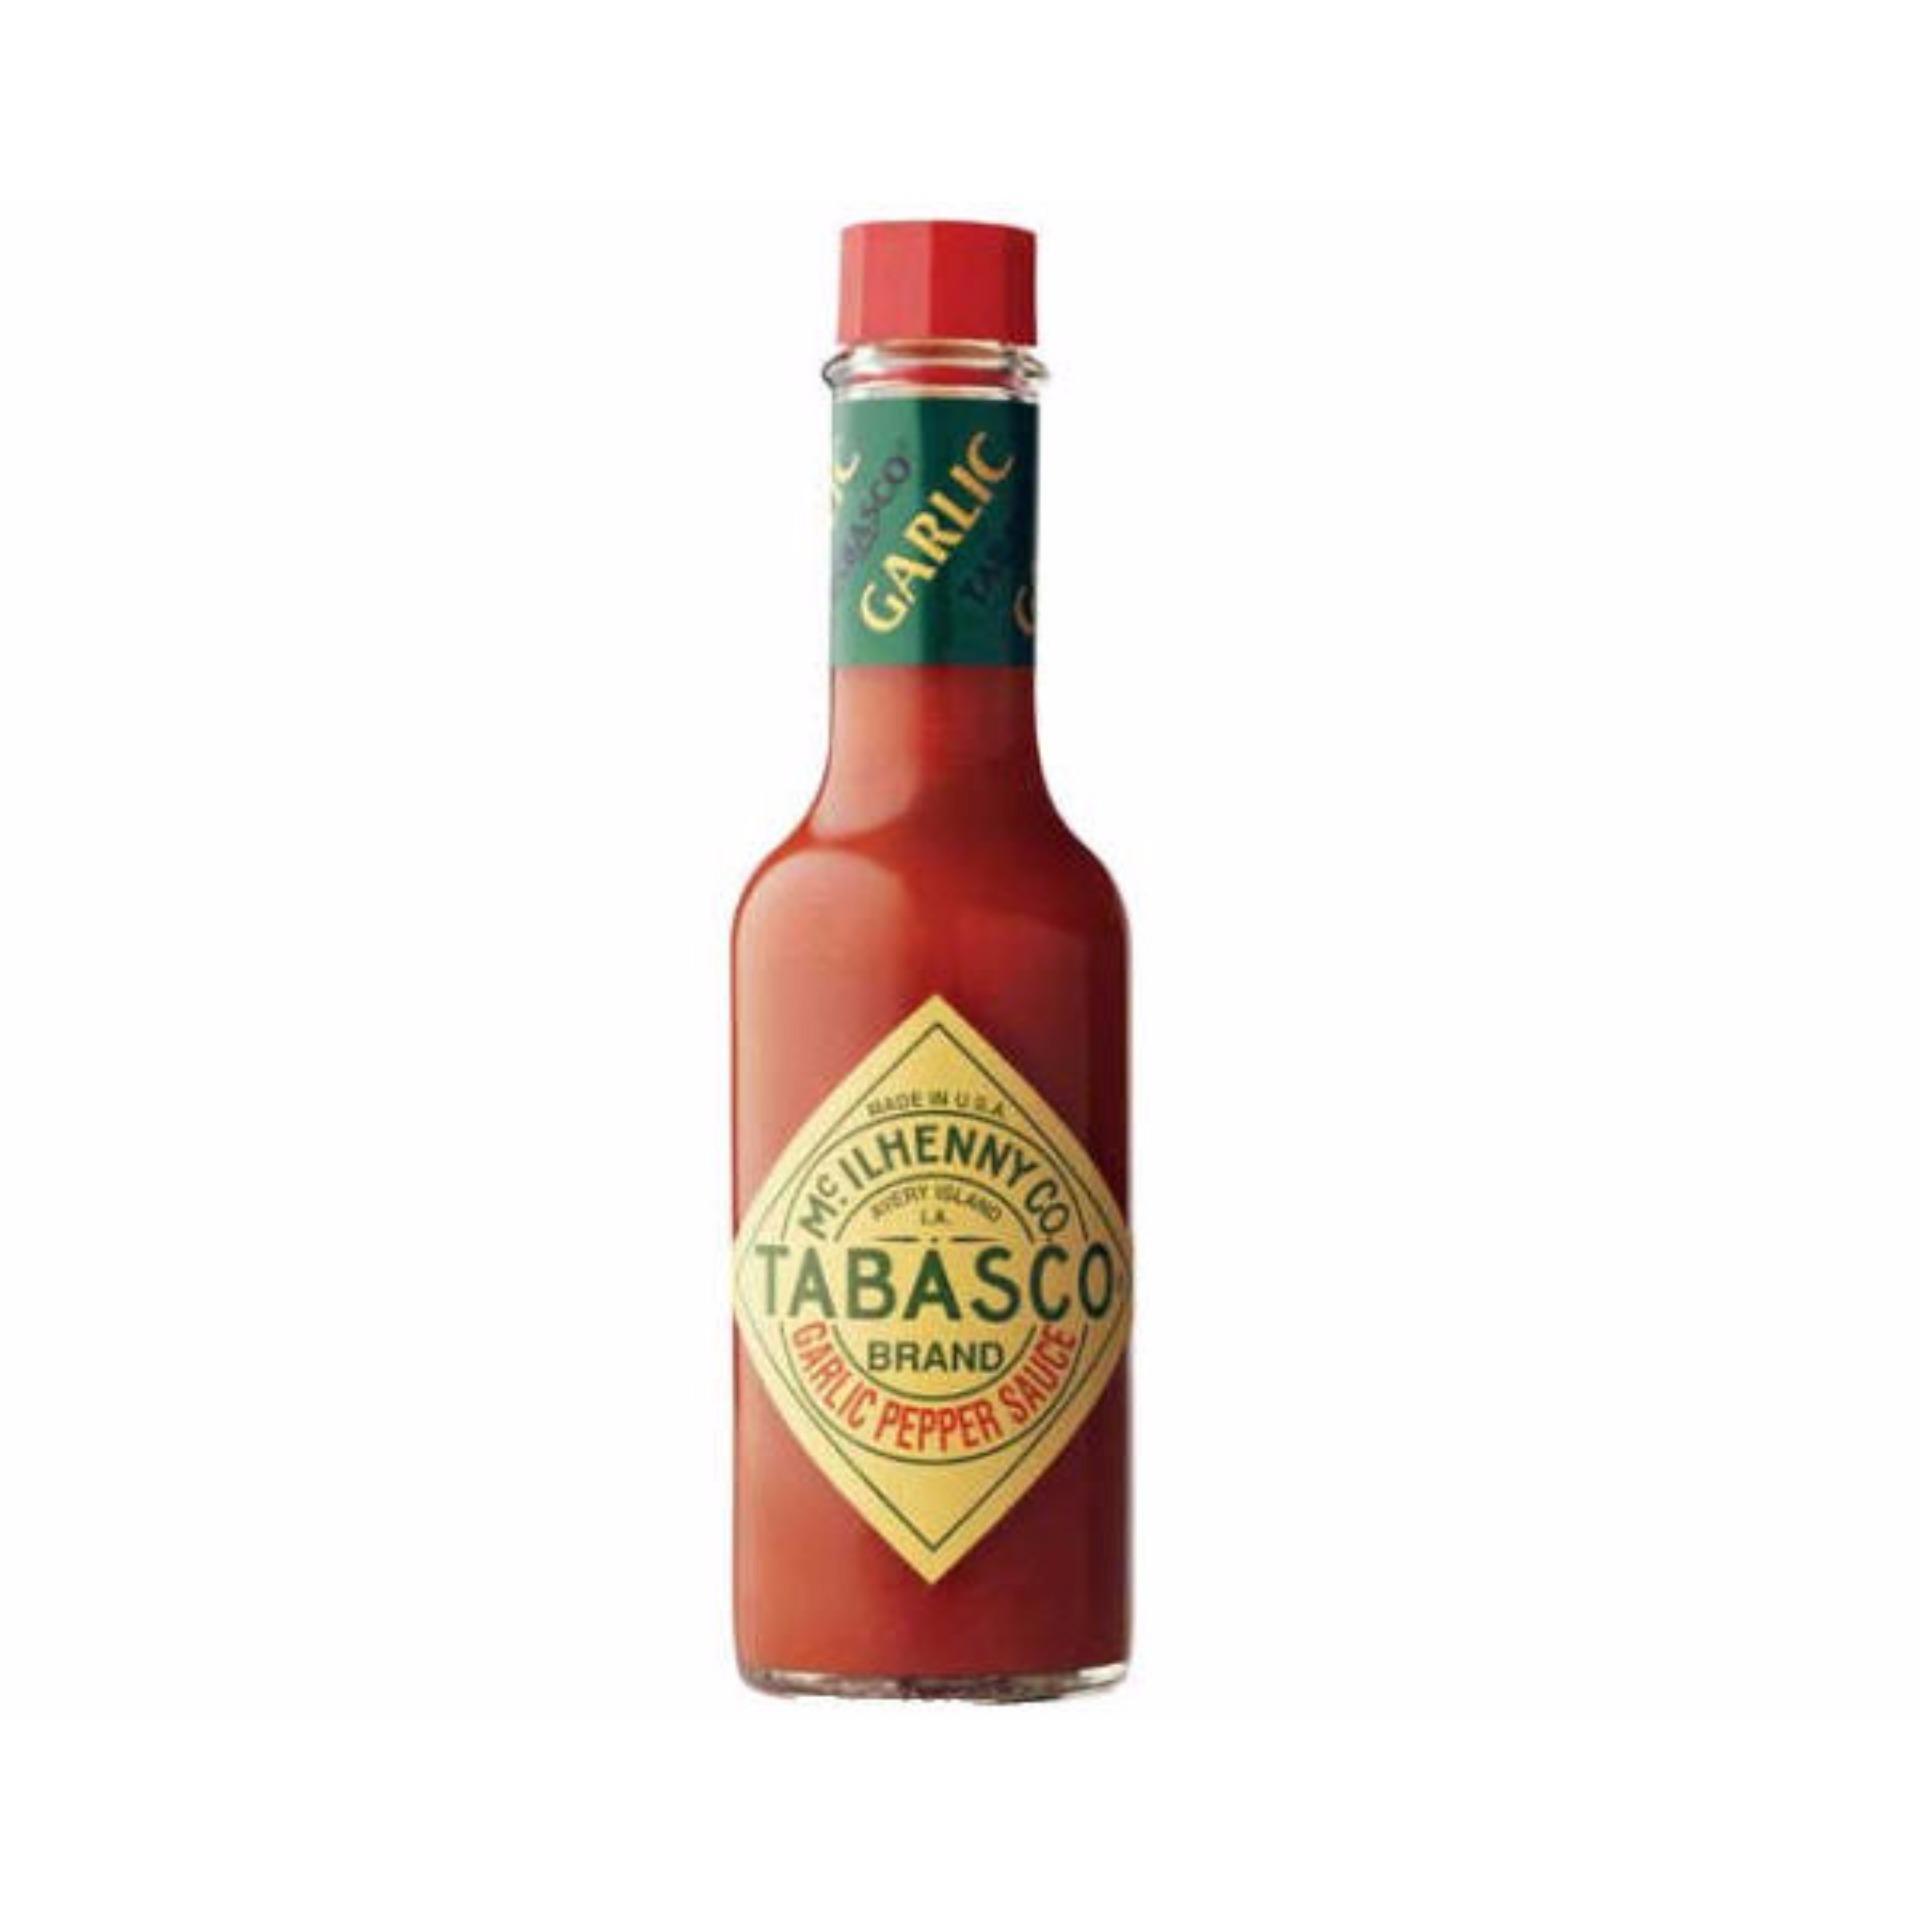 Xốt Ớt Tabasco Brand Pepper Sauce 60ml